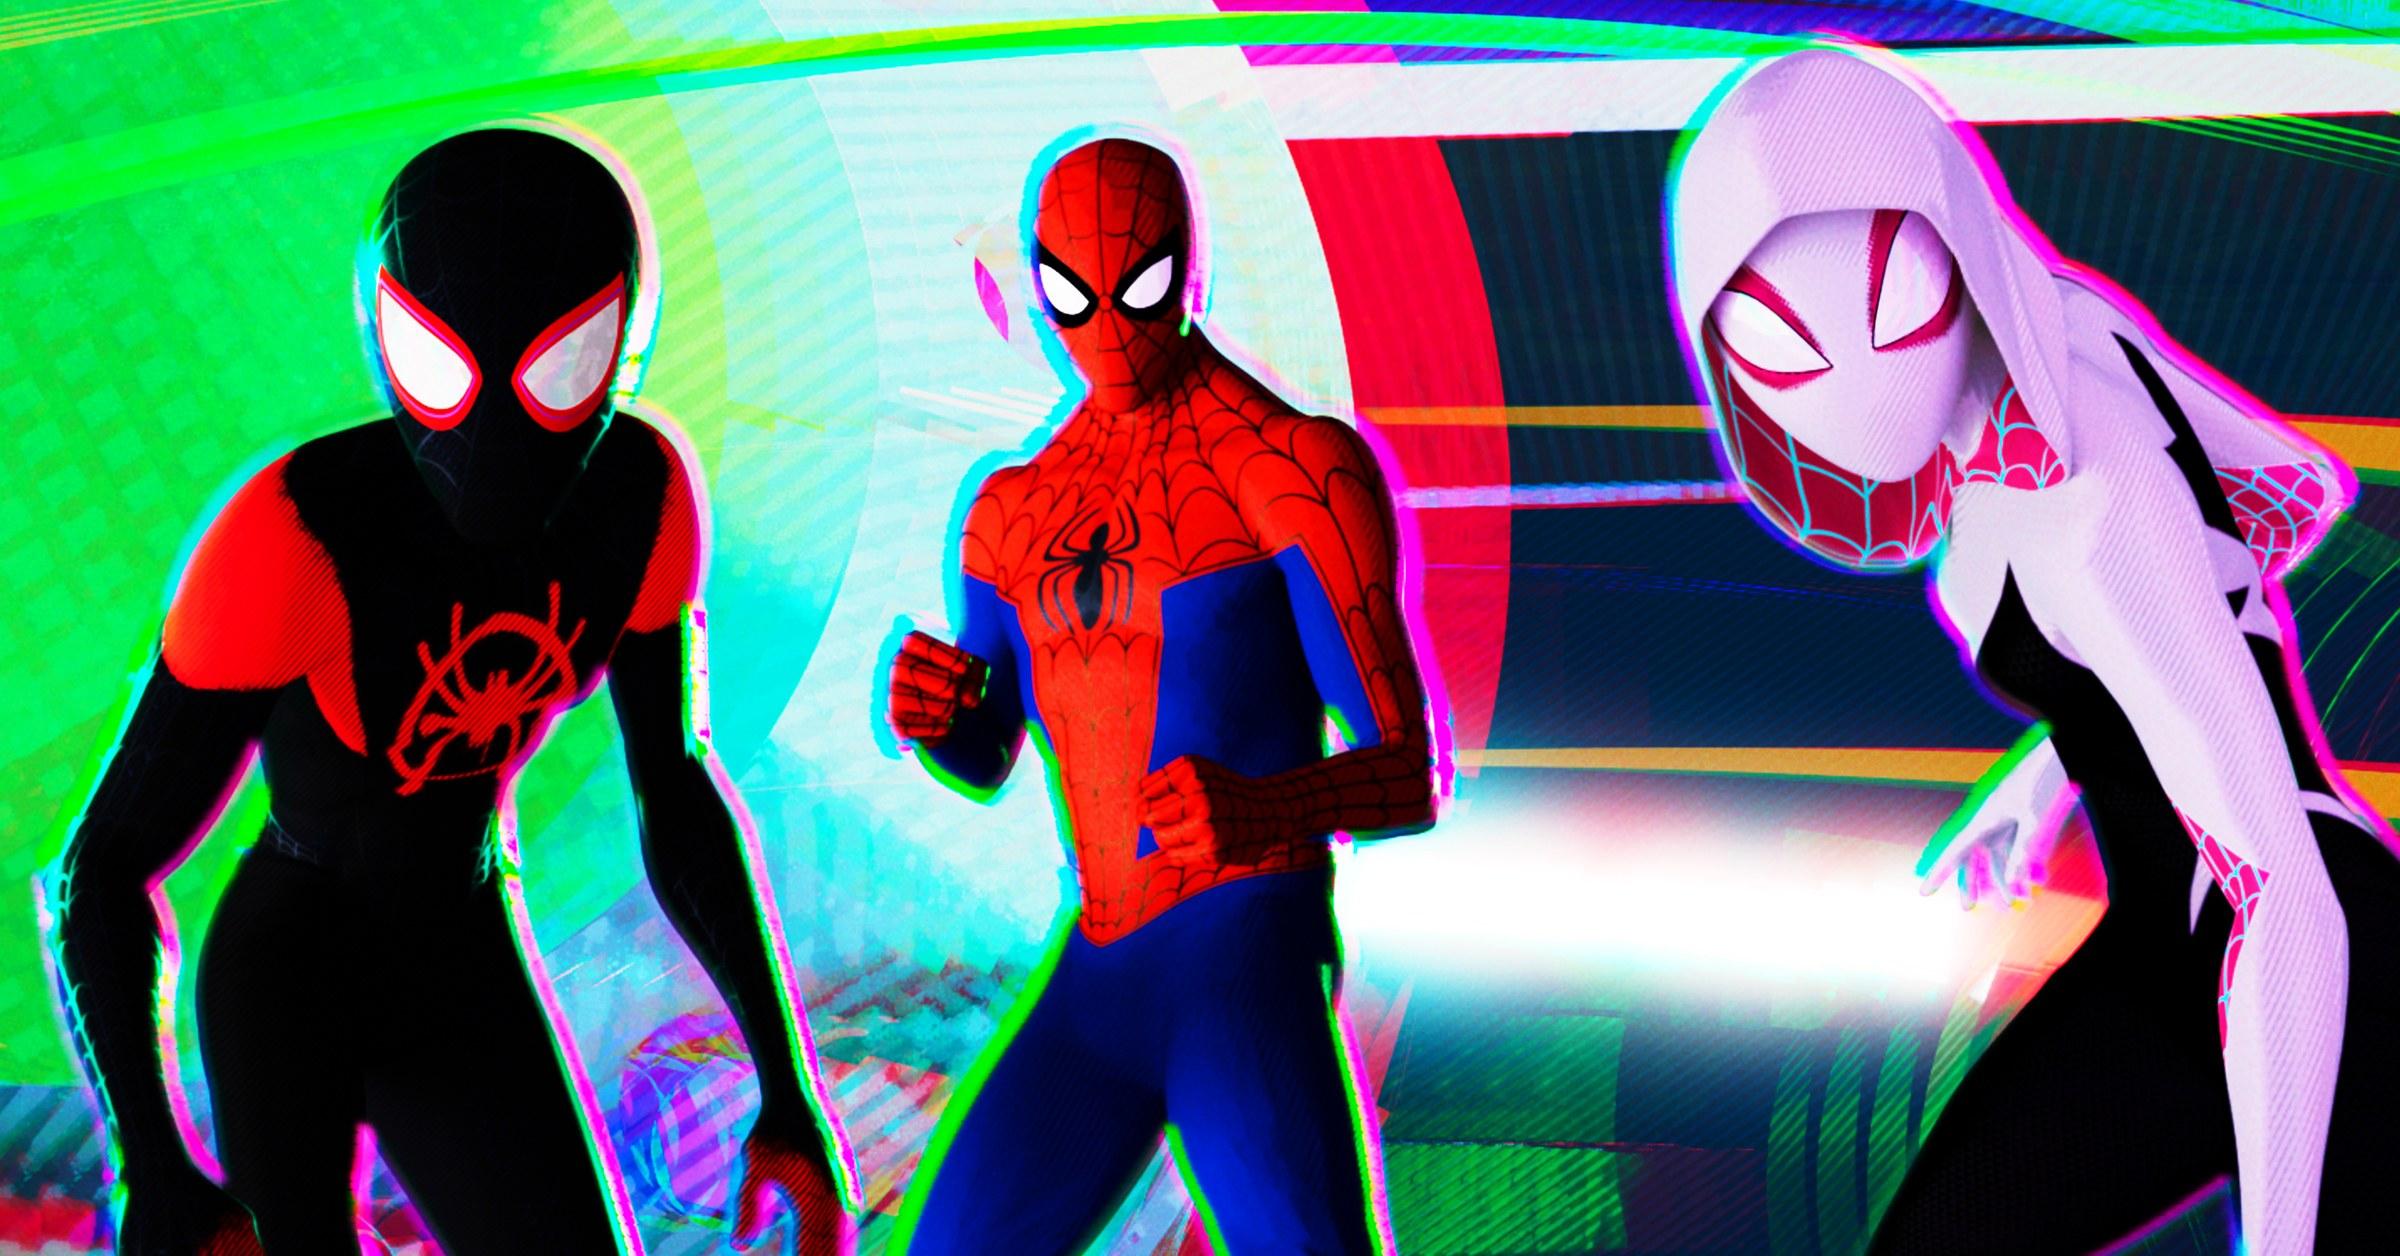 A still from <em>Spider-Man: Into The Spider-Verse</em><em>.</em>